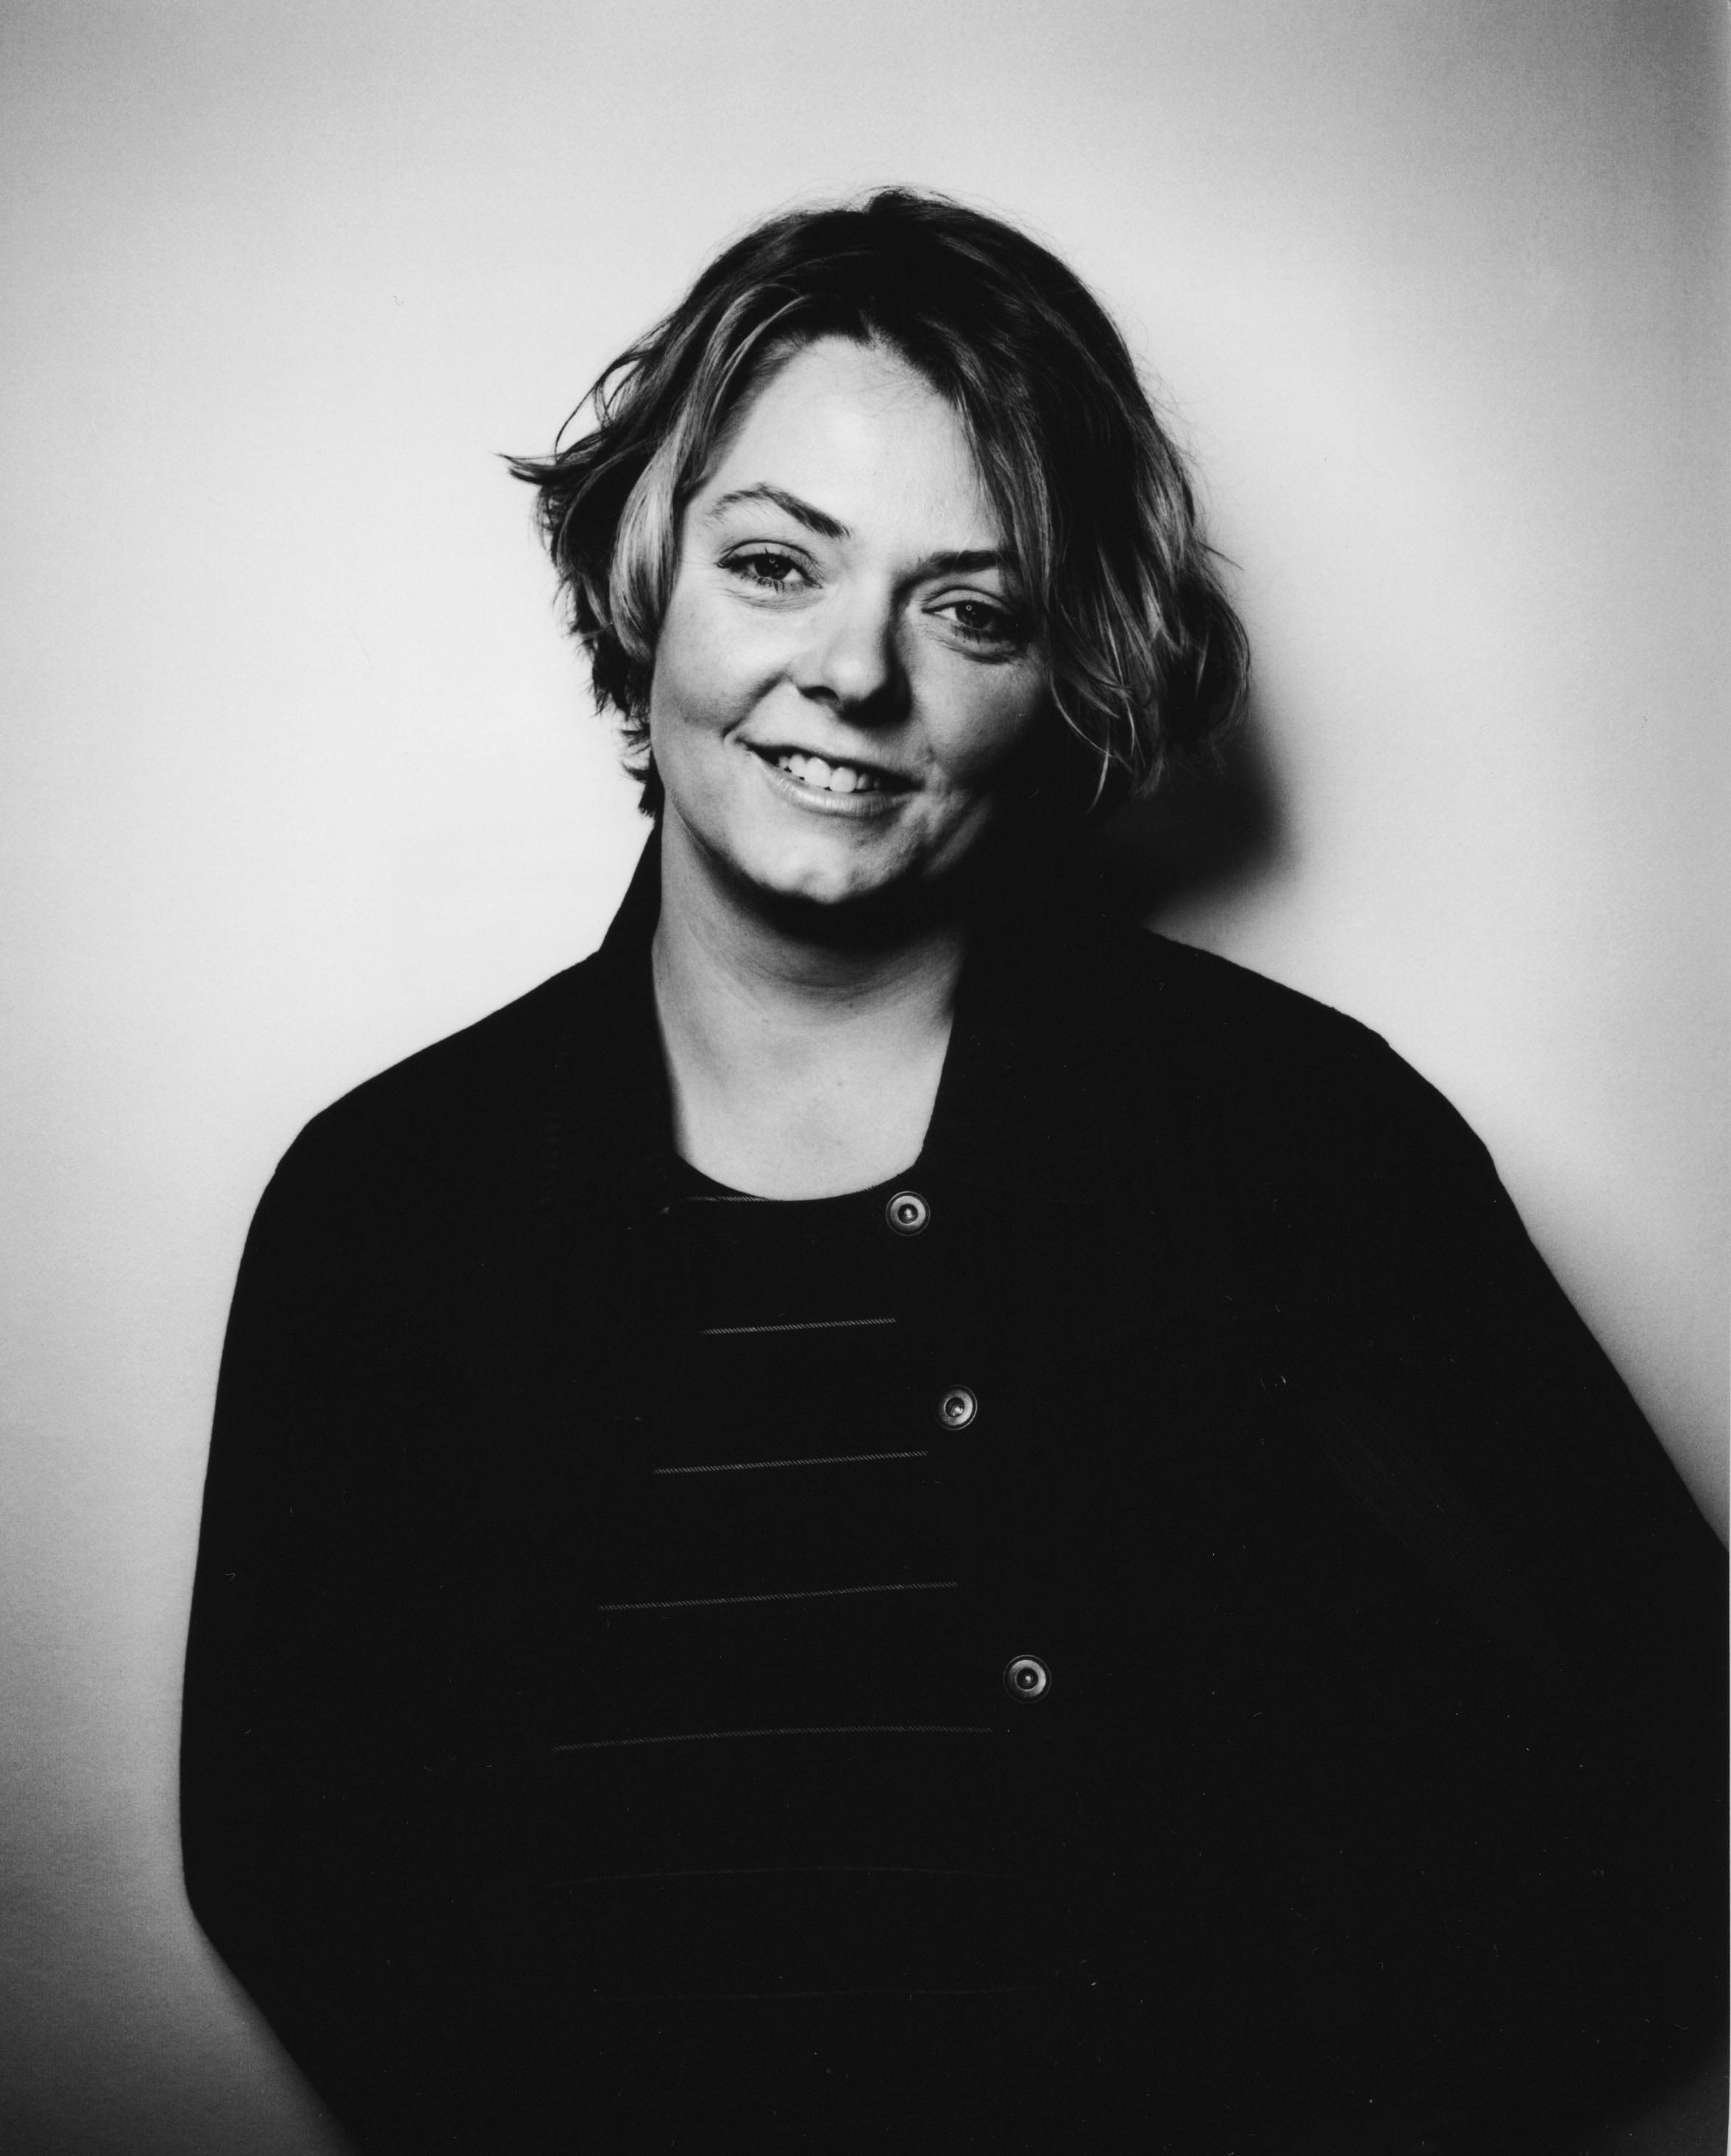 Molly Stensgård